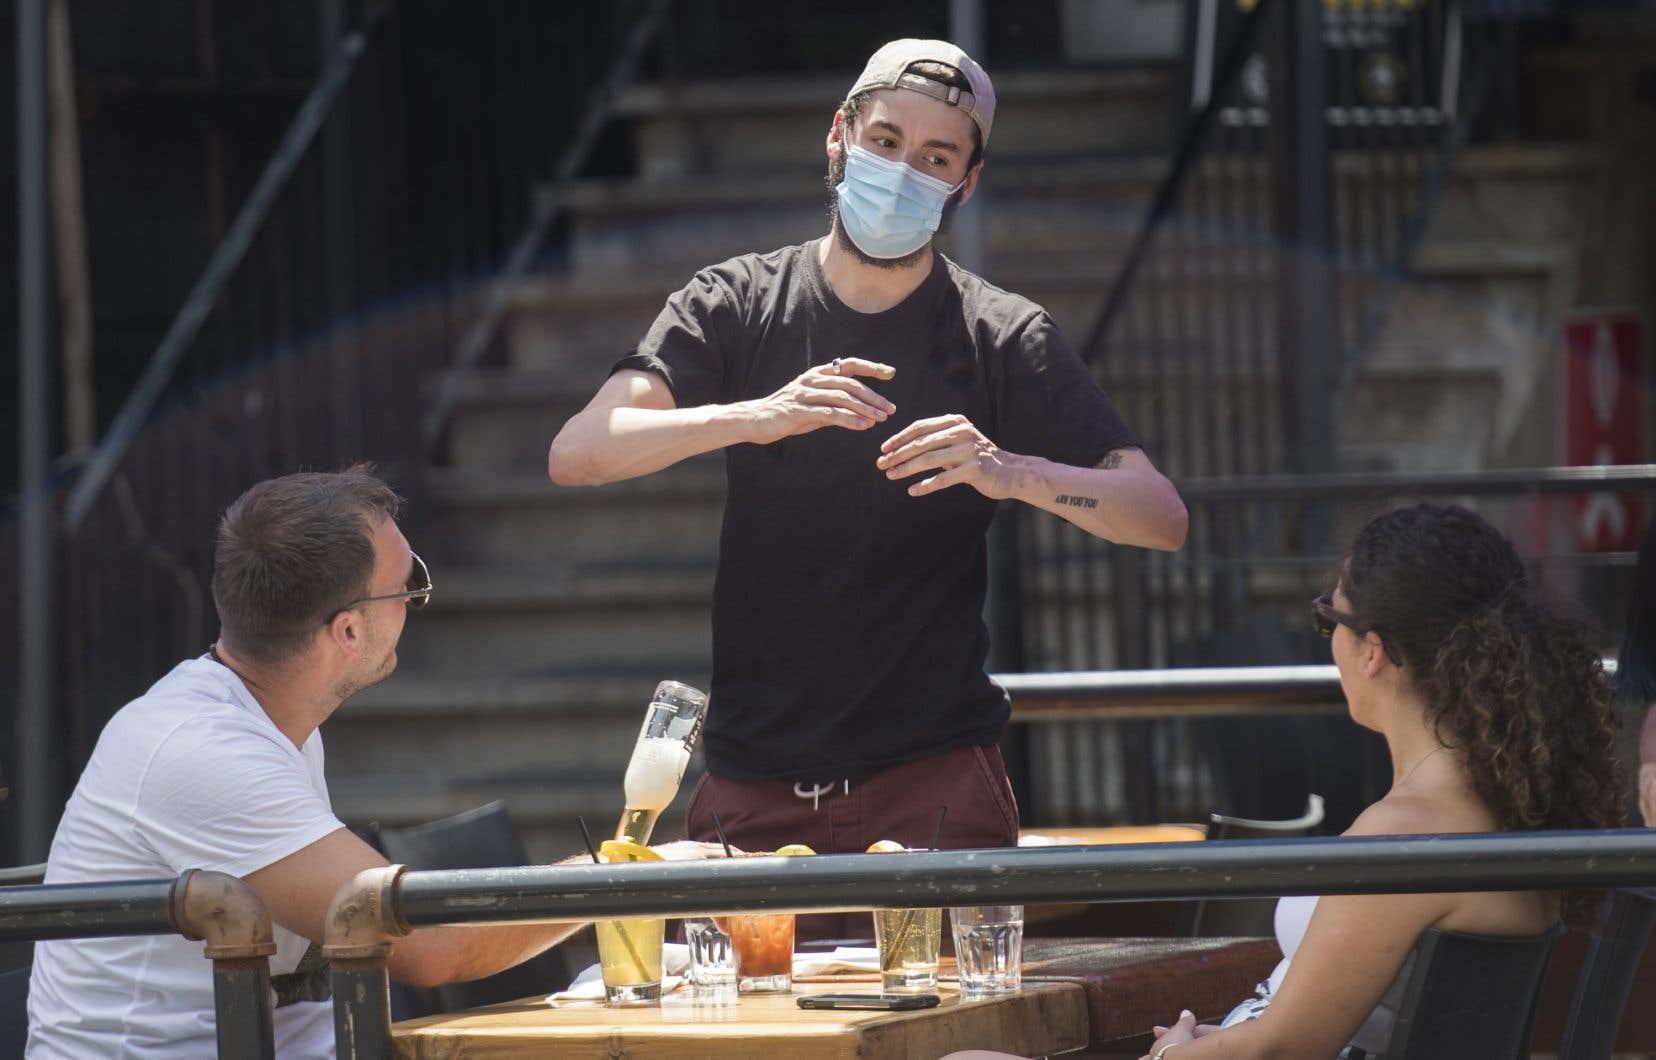 Négliger les règles sanitaires, c'est mettre à risque l'ensemble de la société, rappellent les autorités de santé publique.